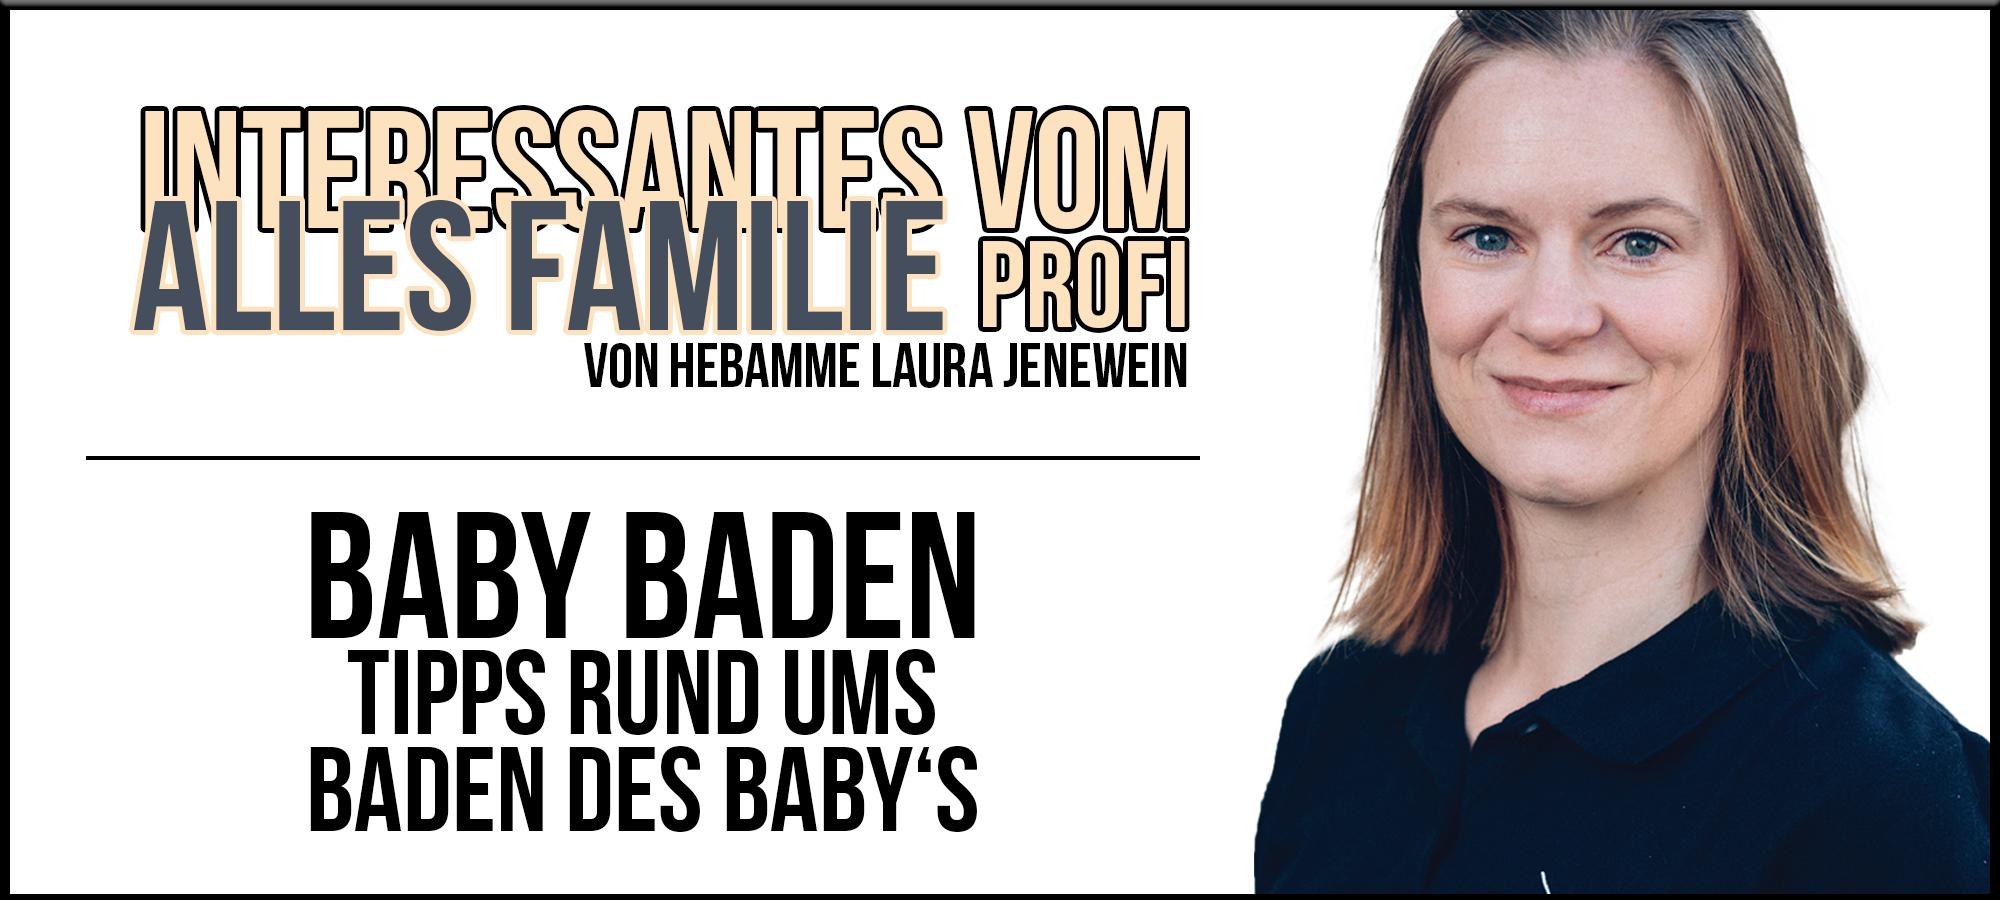 Profitipp von Laura Jenewein - Hebamme aus Telfs - Tipps rund ums Baby baden